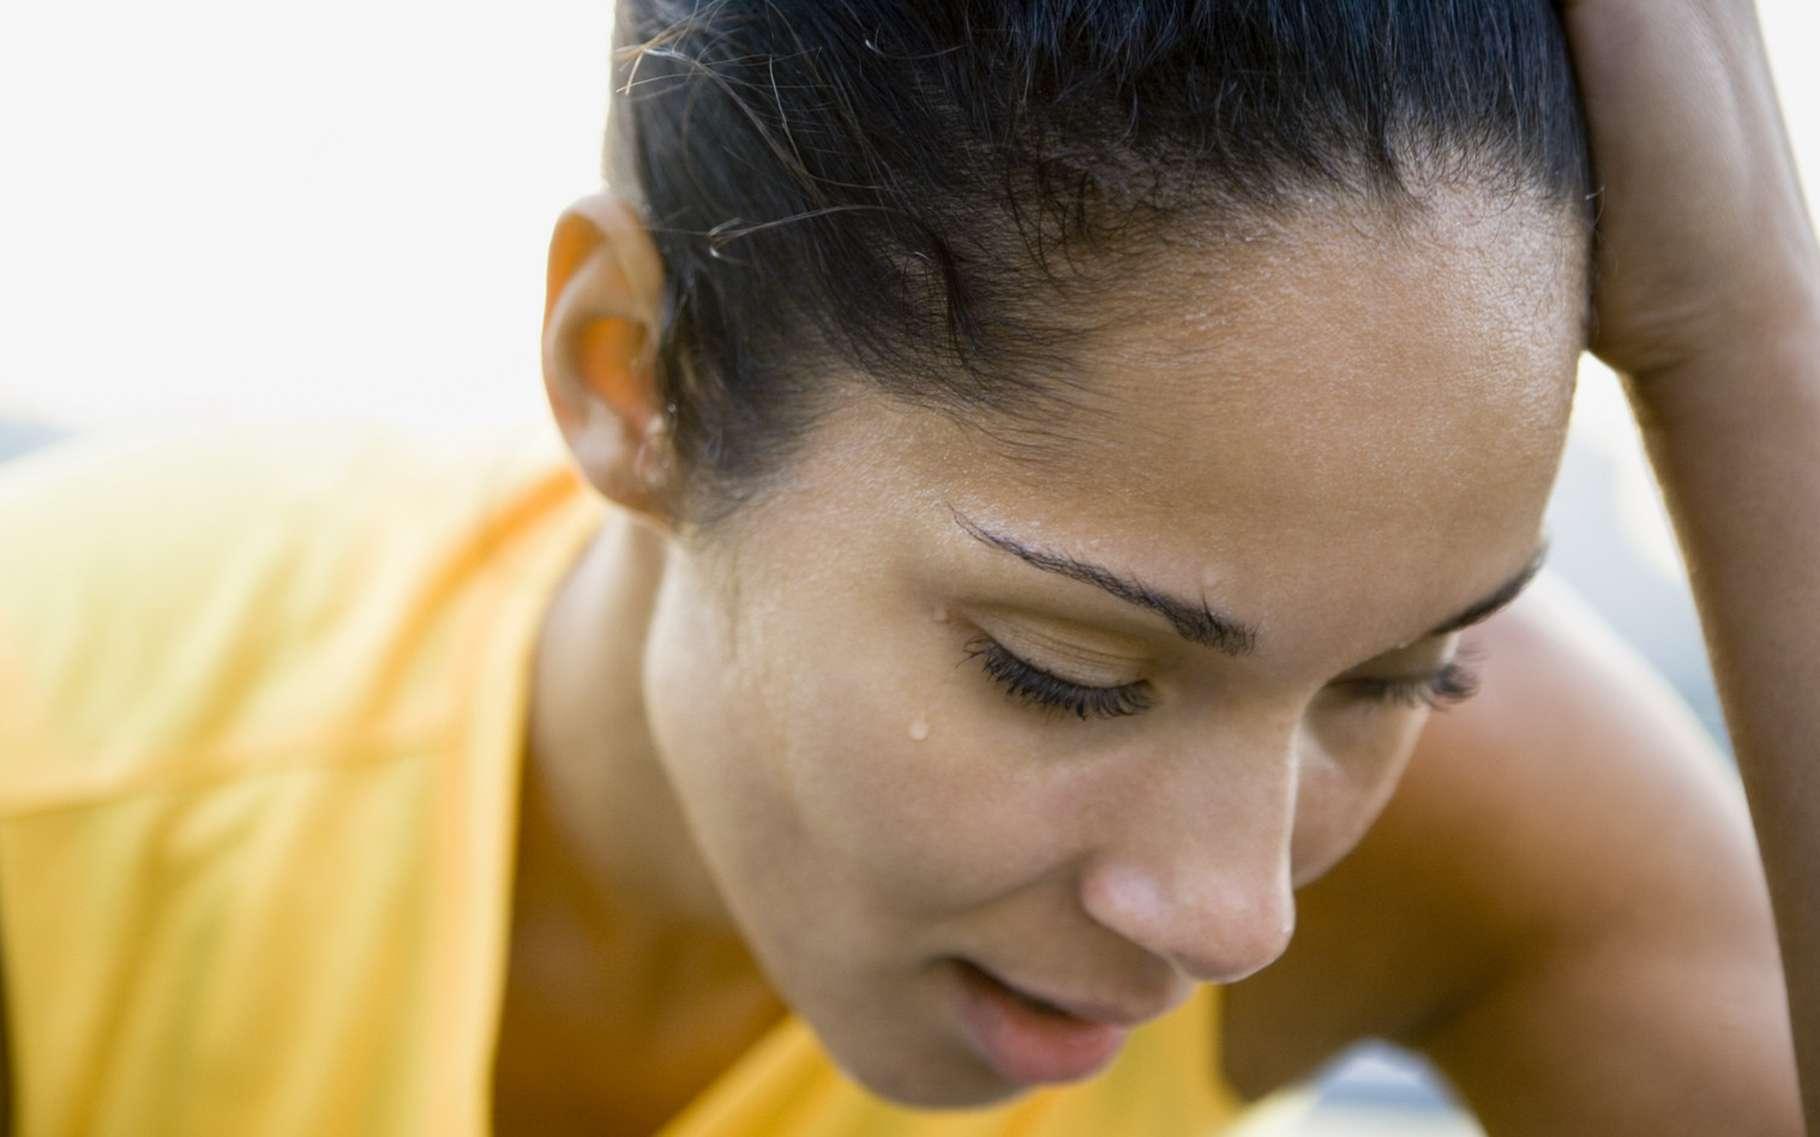 Dans les situations de stress, la transpiration est fréquente. © Alan Bailey, Shutterstock